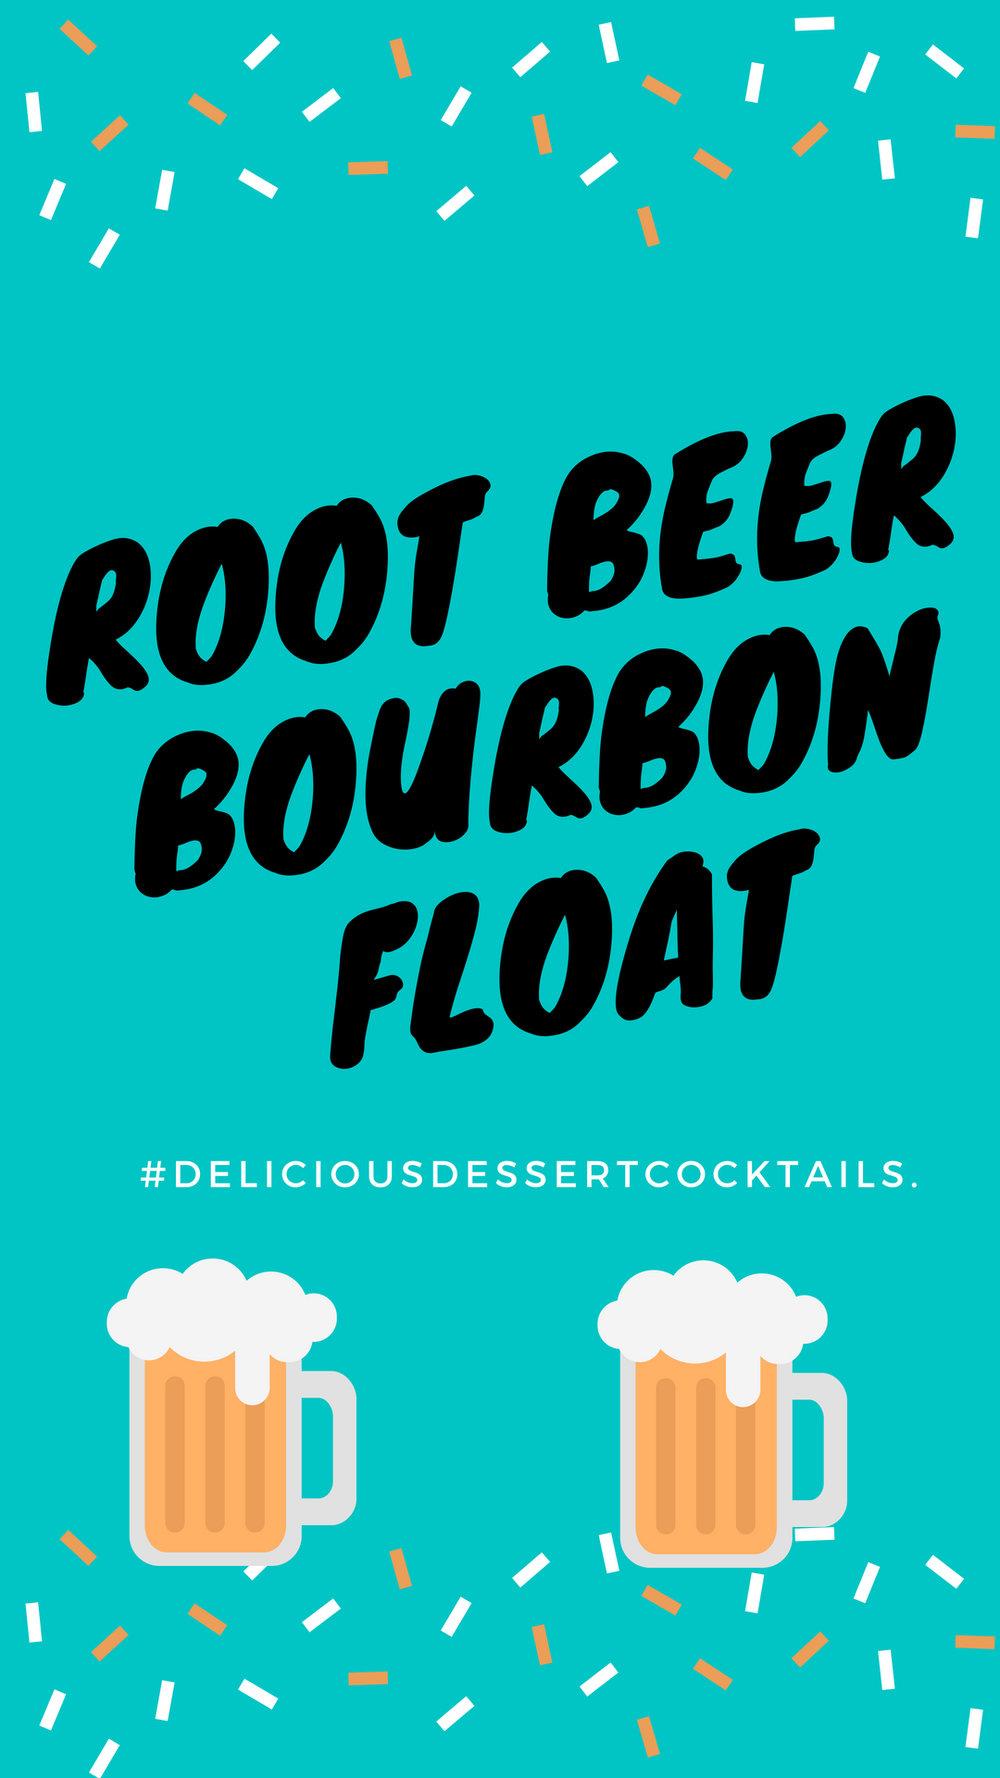 root beer bourbon float.jpg